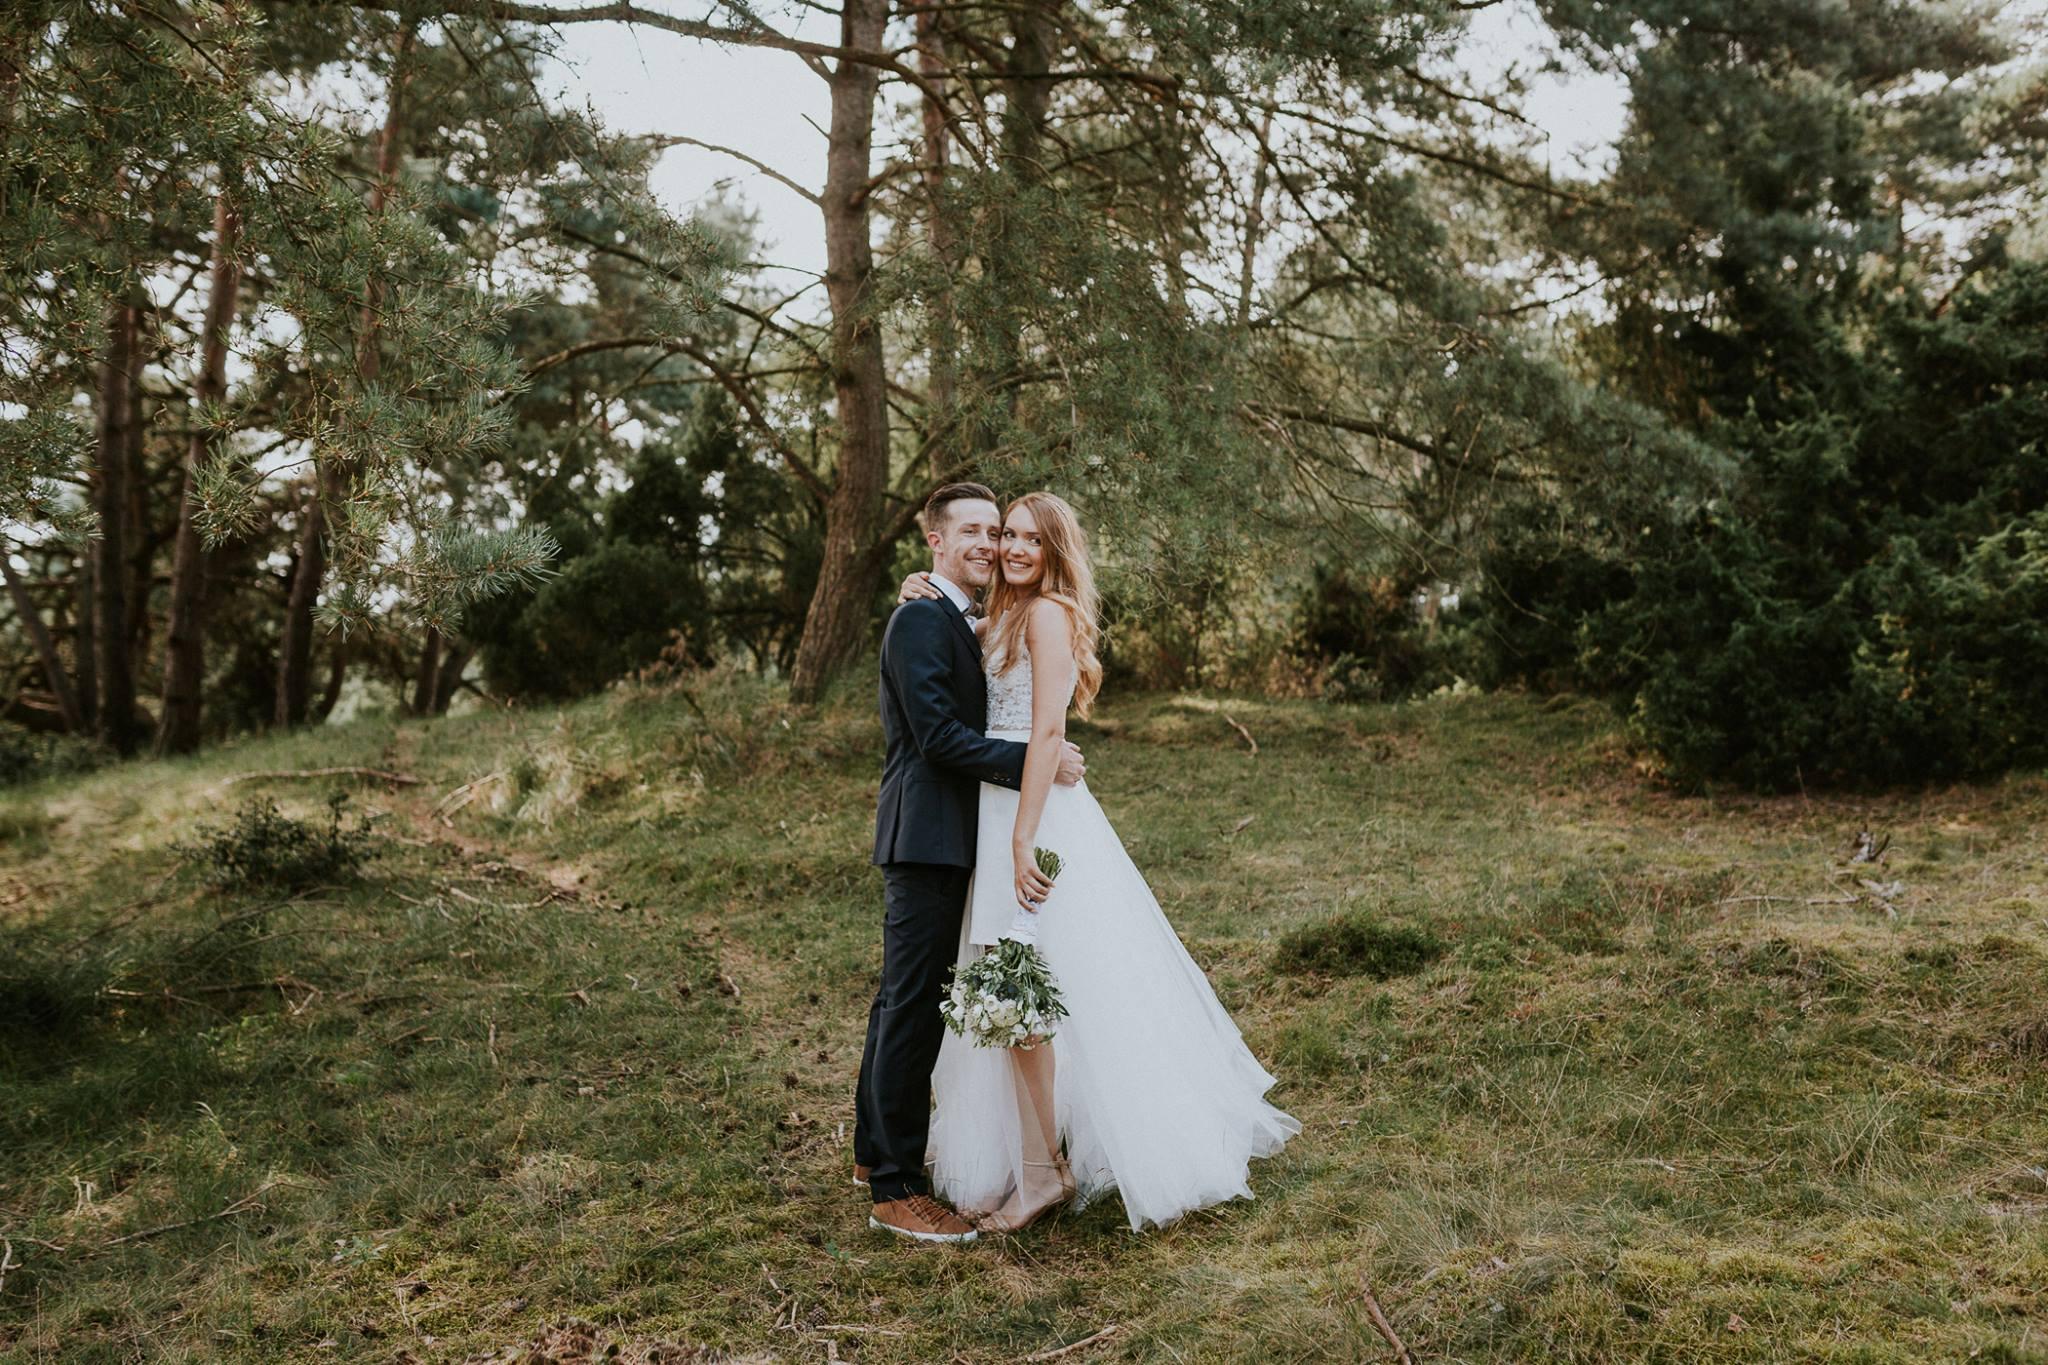 Das Brautpaar steht in einem grünen Wald. Die Braut trägt einen Spitzenbody, einen weißen engen Rock, sowie eine zarte Schleppe.